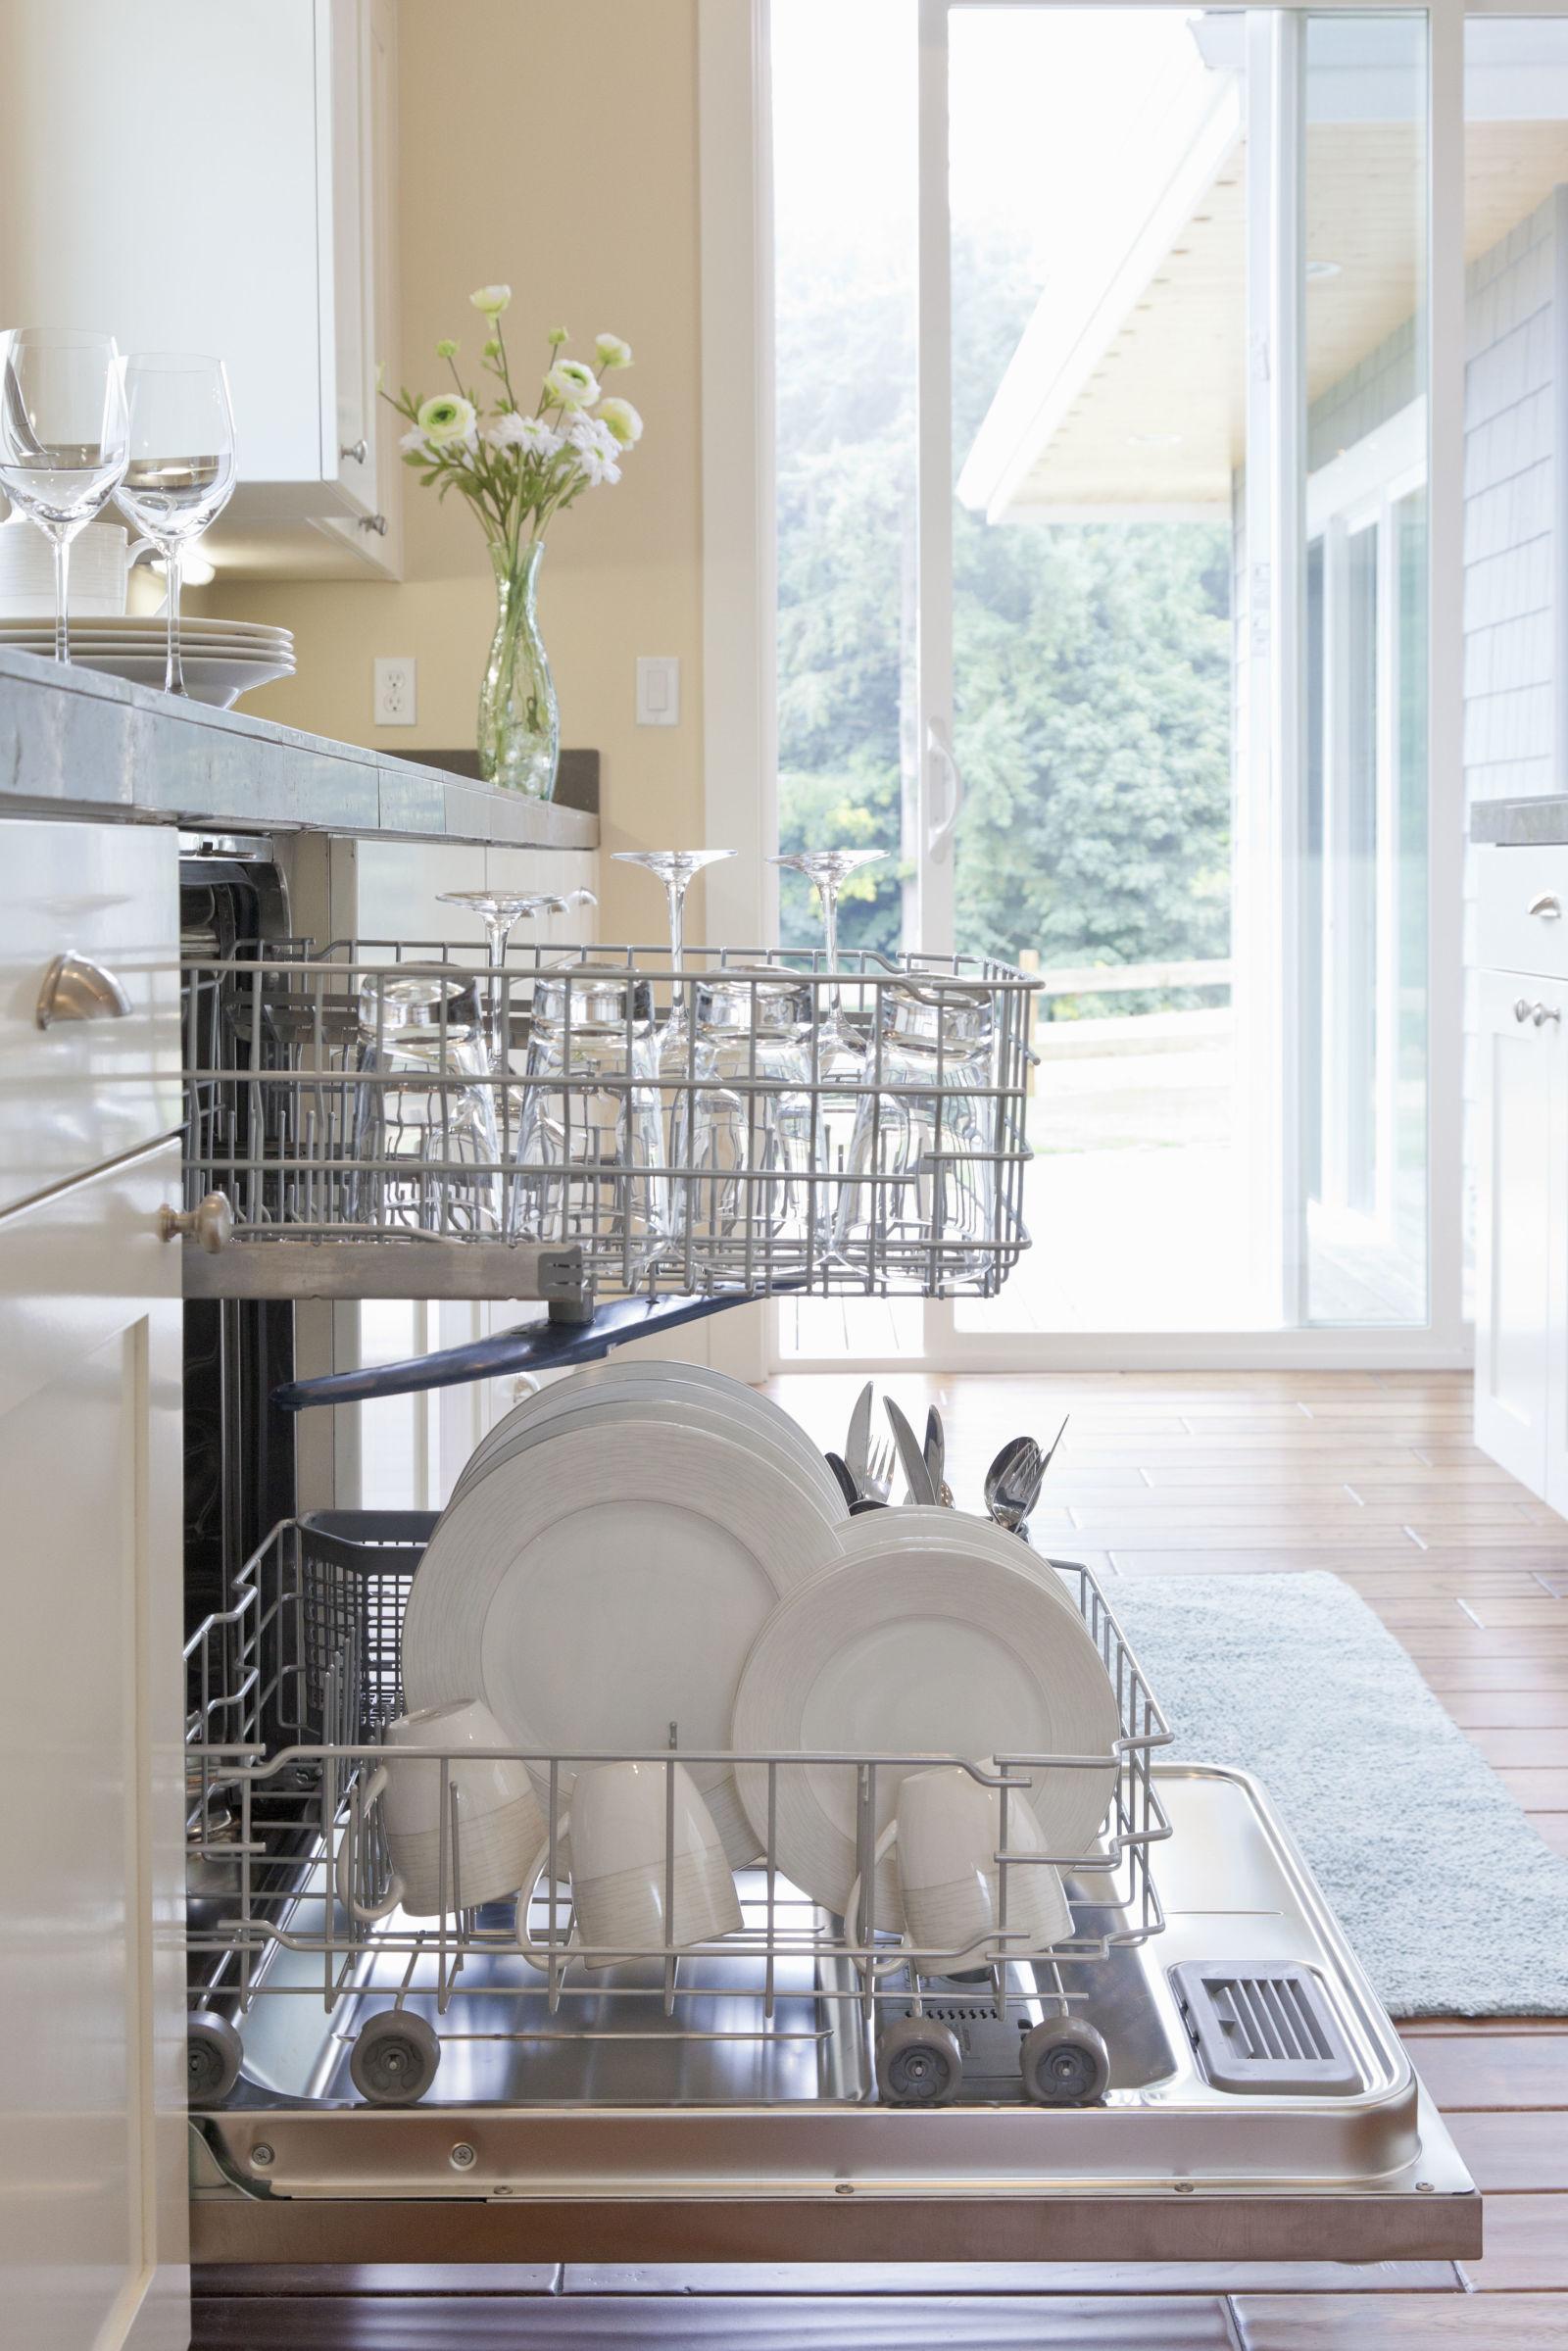 gallery-1459452951-do-dishwasher-duty-getty-credit-ml-harris